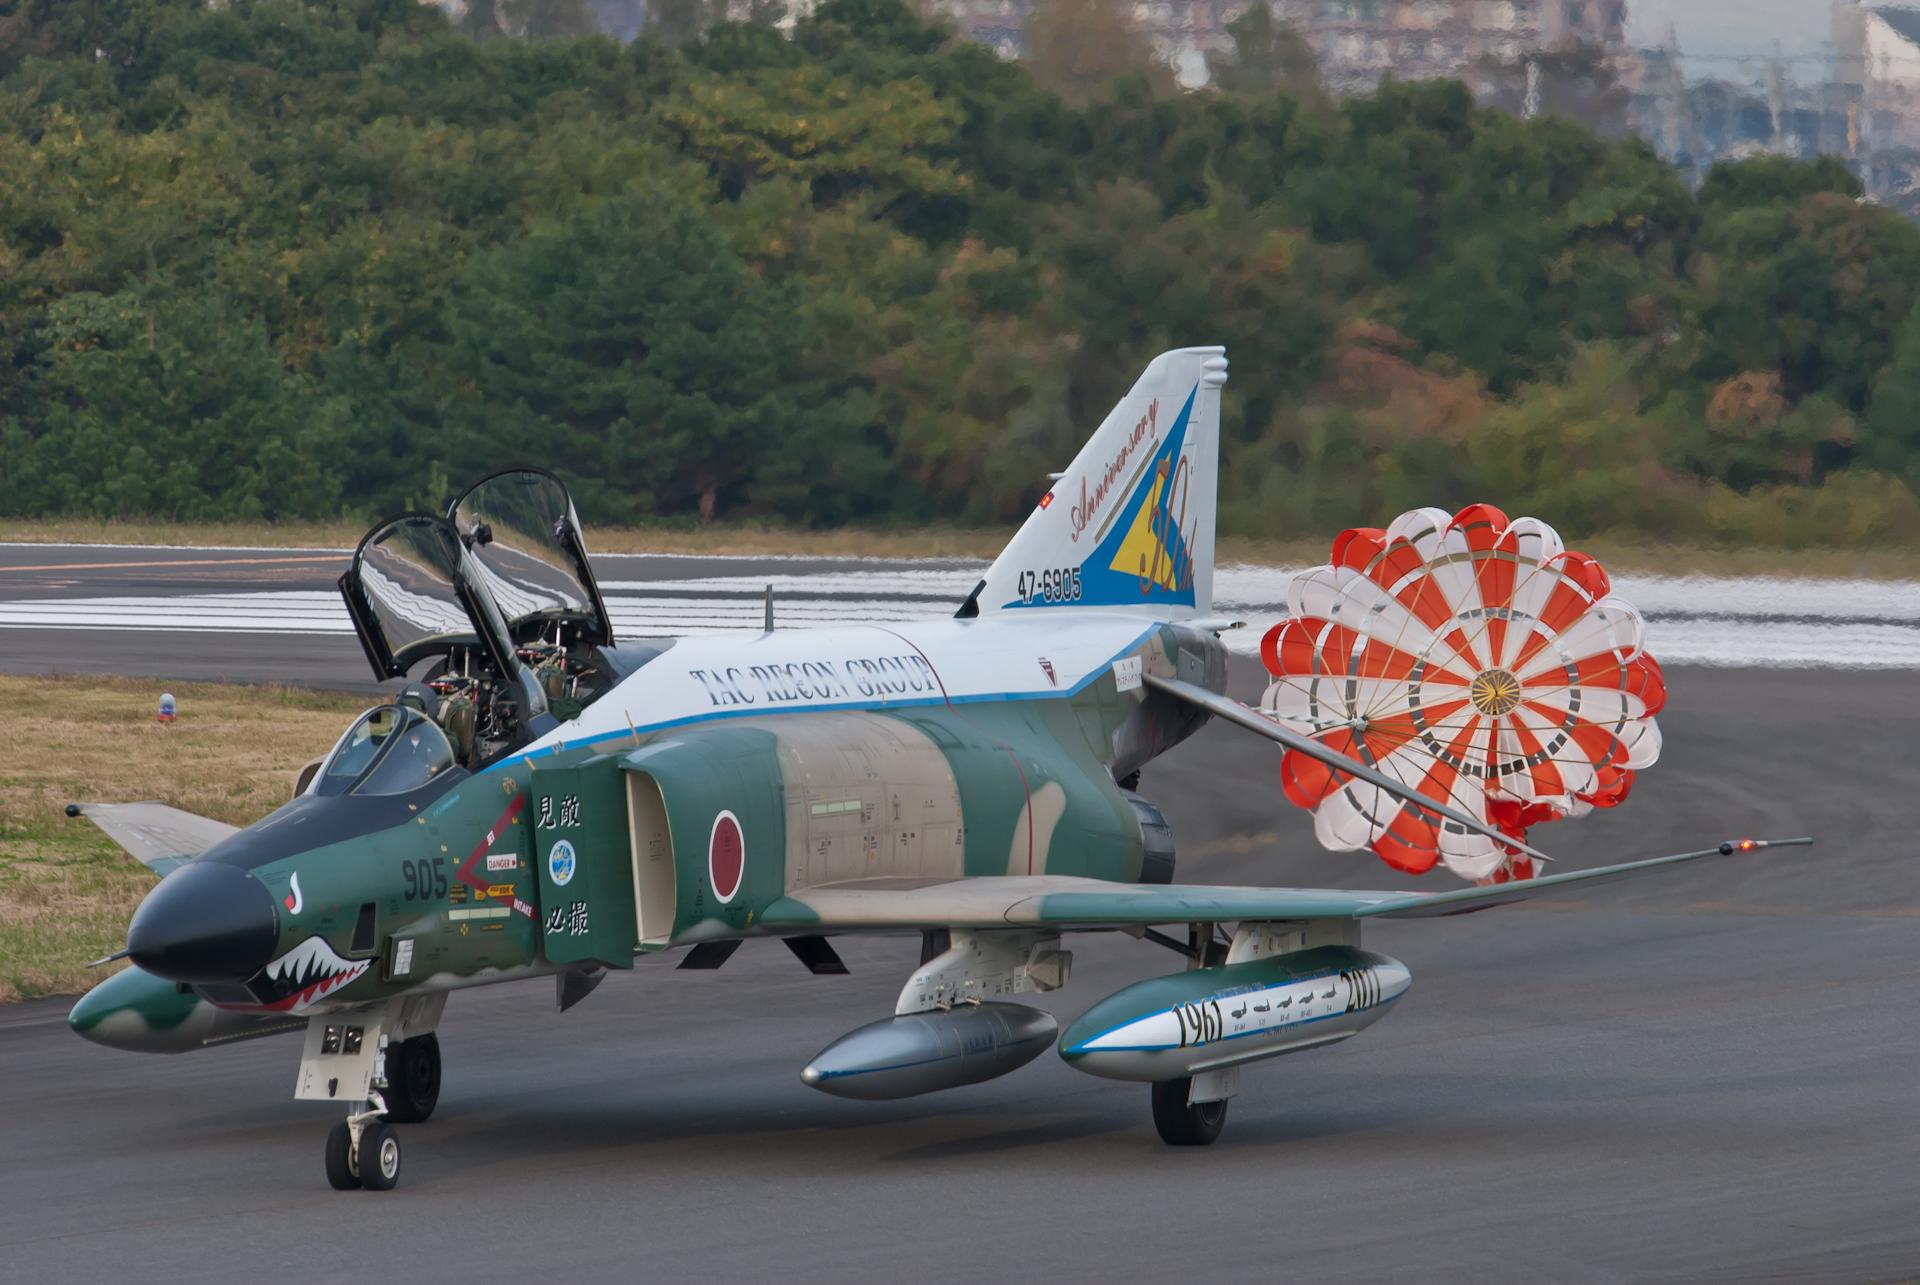 すべての講義 l 換算 : 乗り物 交通 航空機 飛行機 偵察機 RF-4EJ ファントム ...